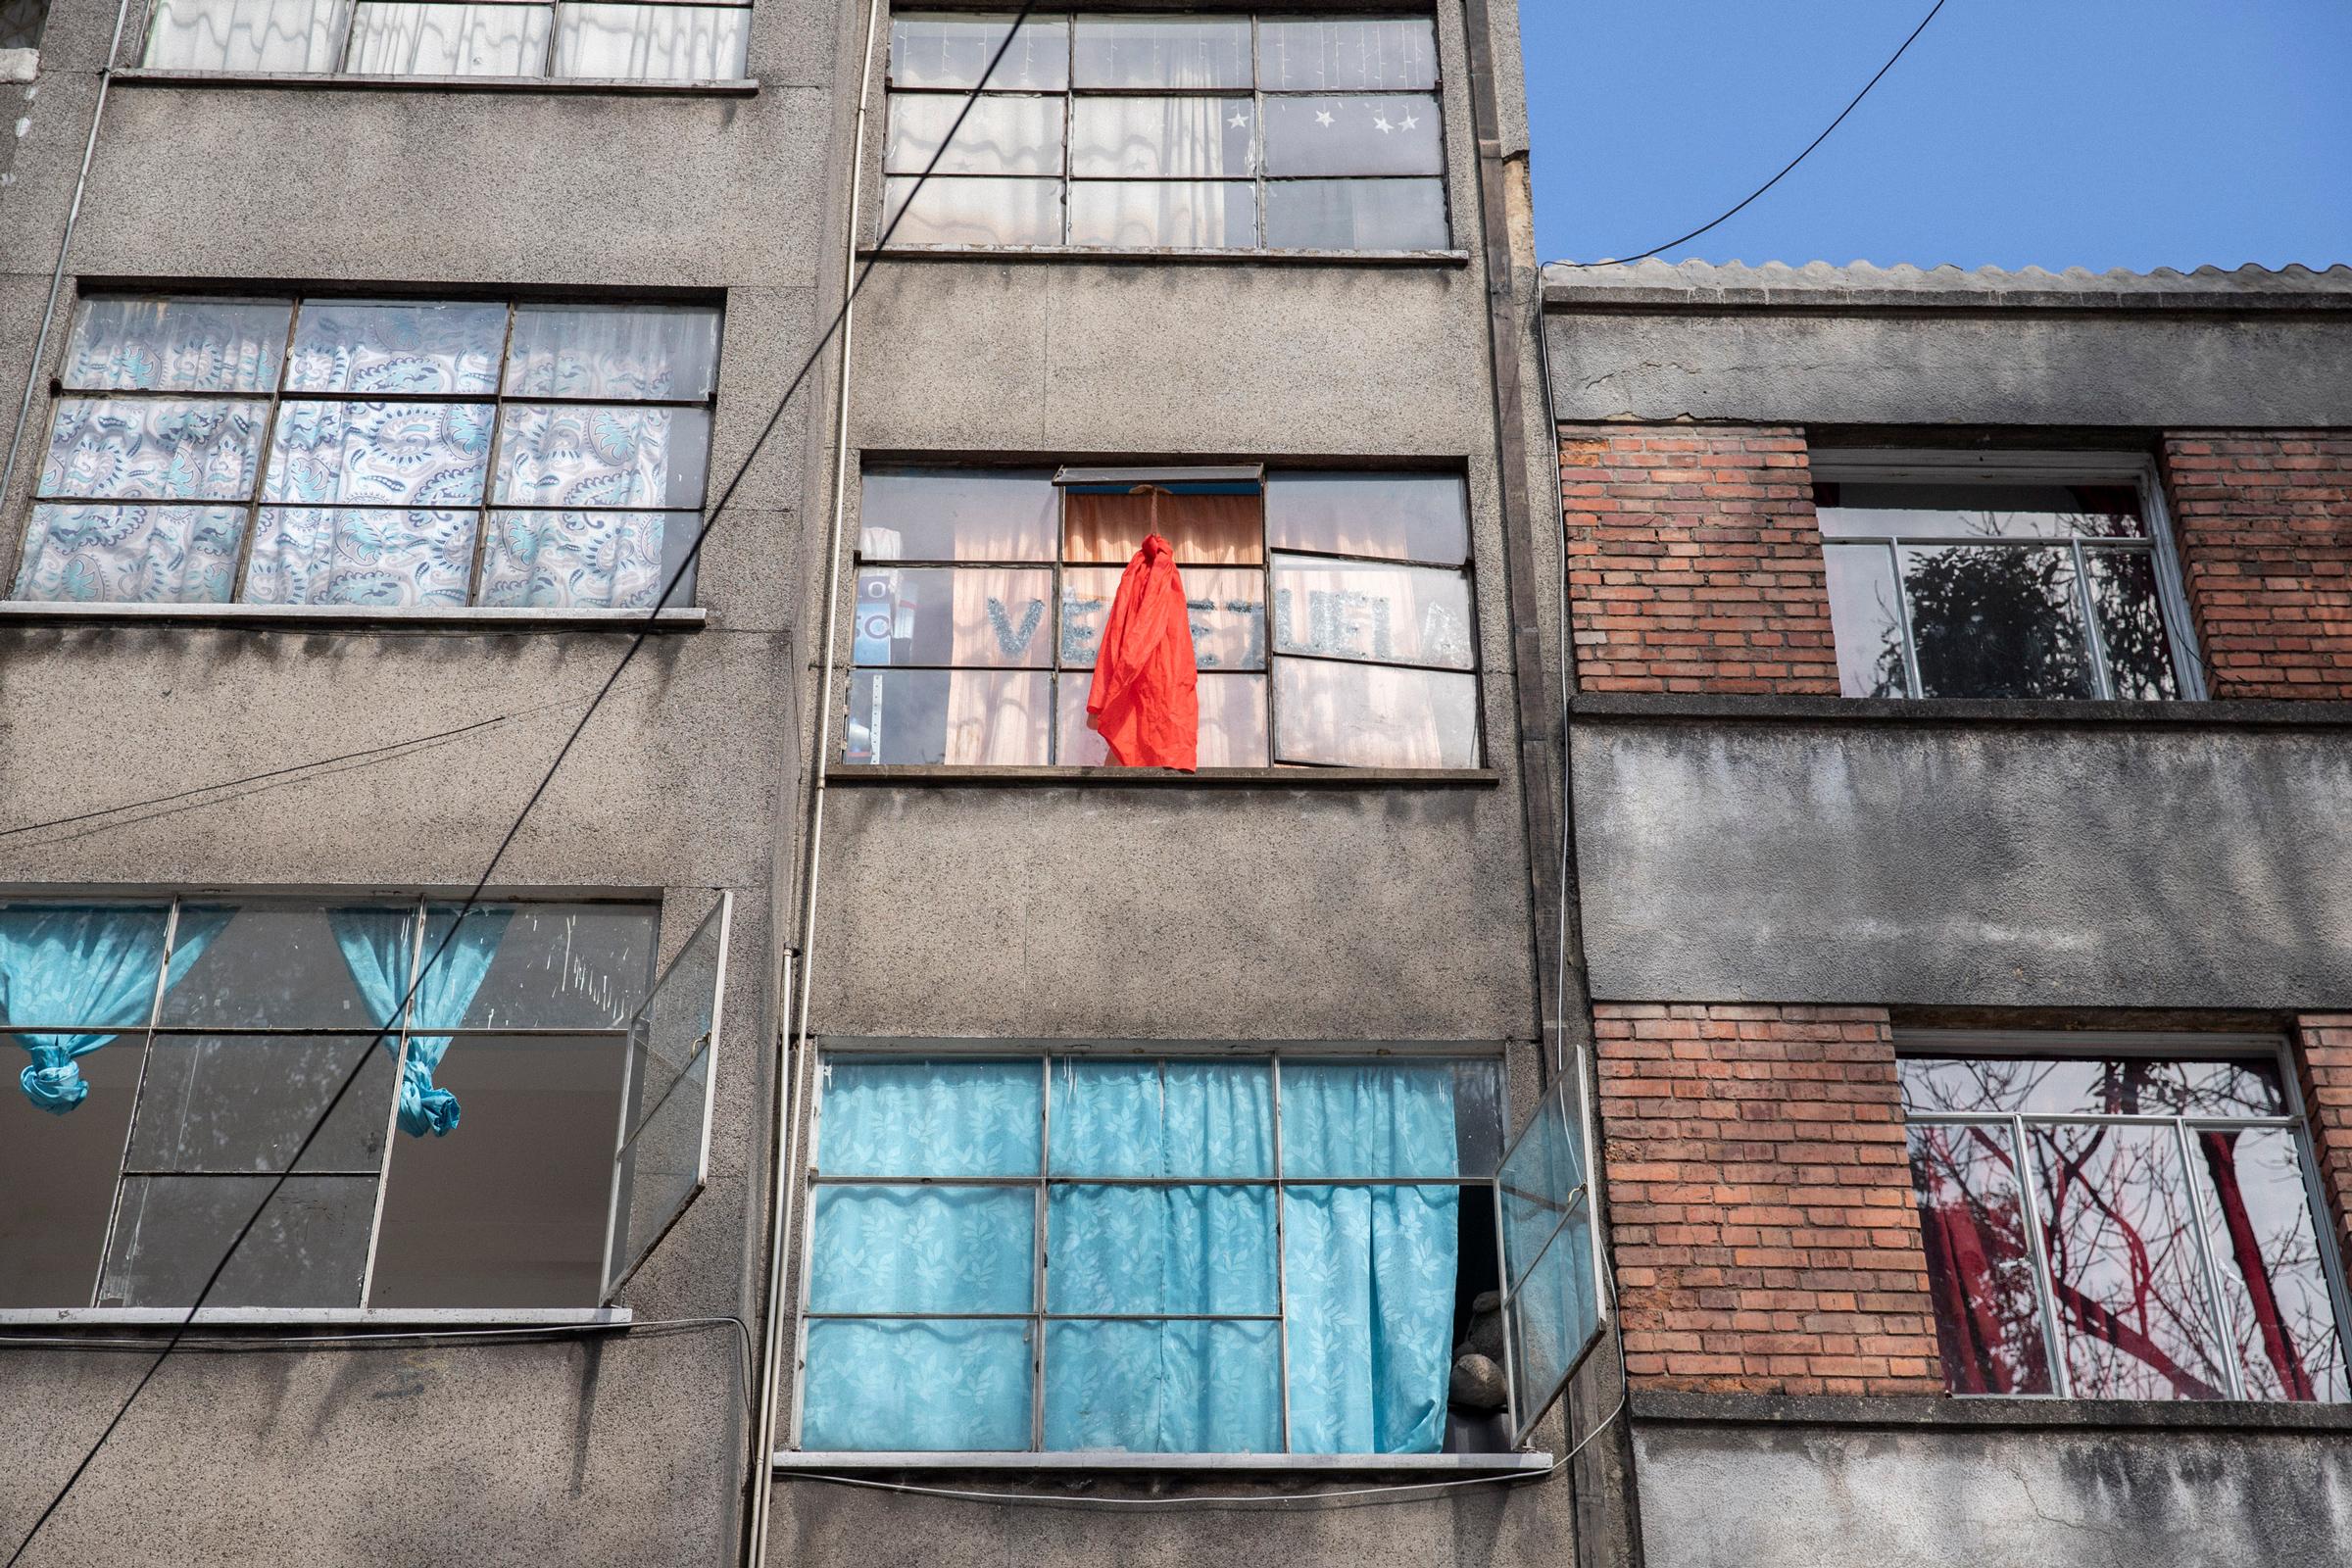 Un edificio en Bogotá que alberga inmigrantes venezolanos.  Los pasajeros que necesitan comida desesperadamente colocan un paño rojo en sus ventanas.